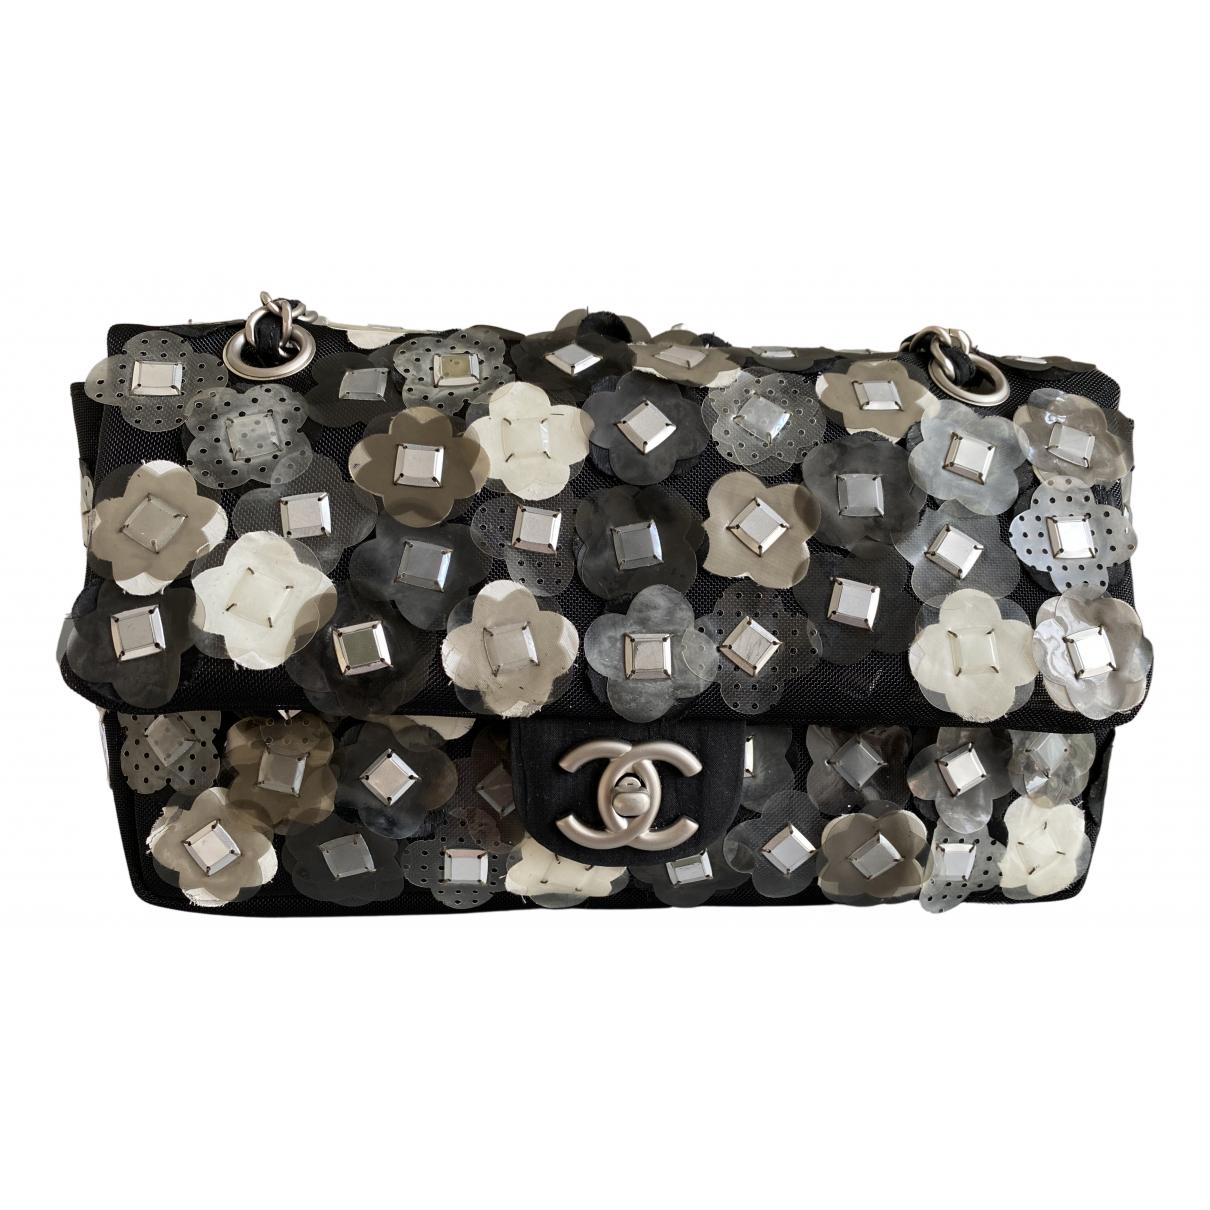 Chanel - Sac a main Timeless/Classique pour femme en toile - noir